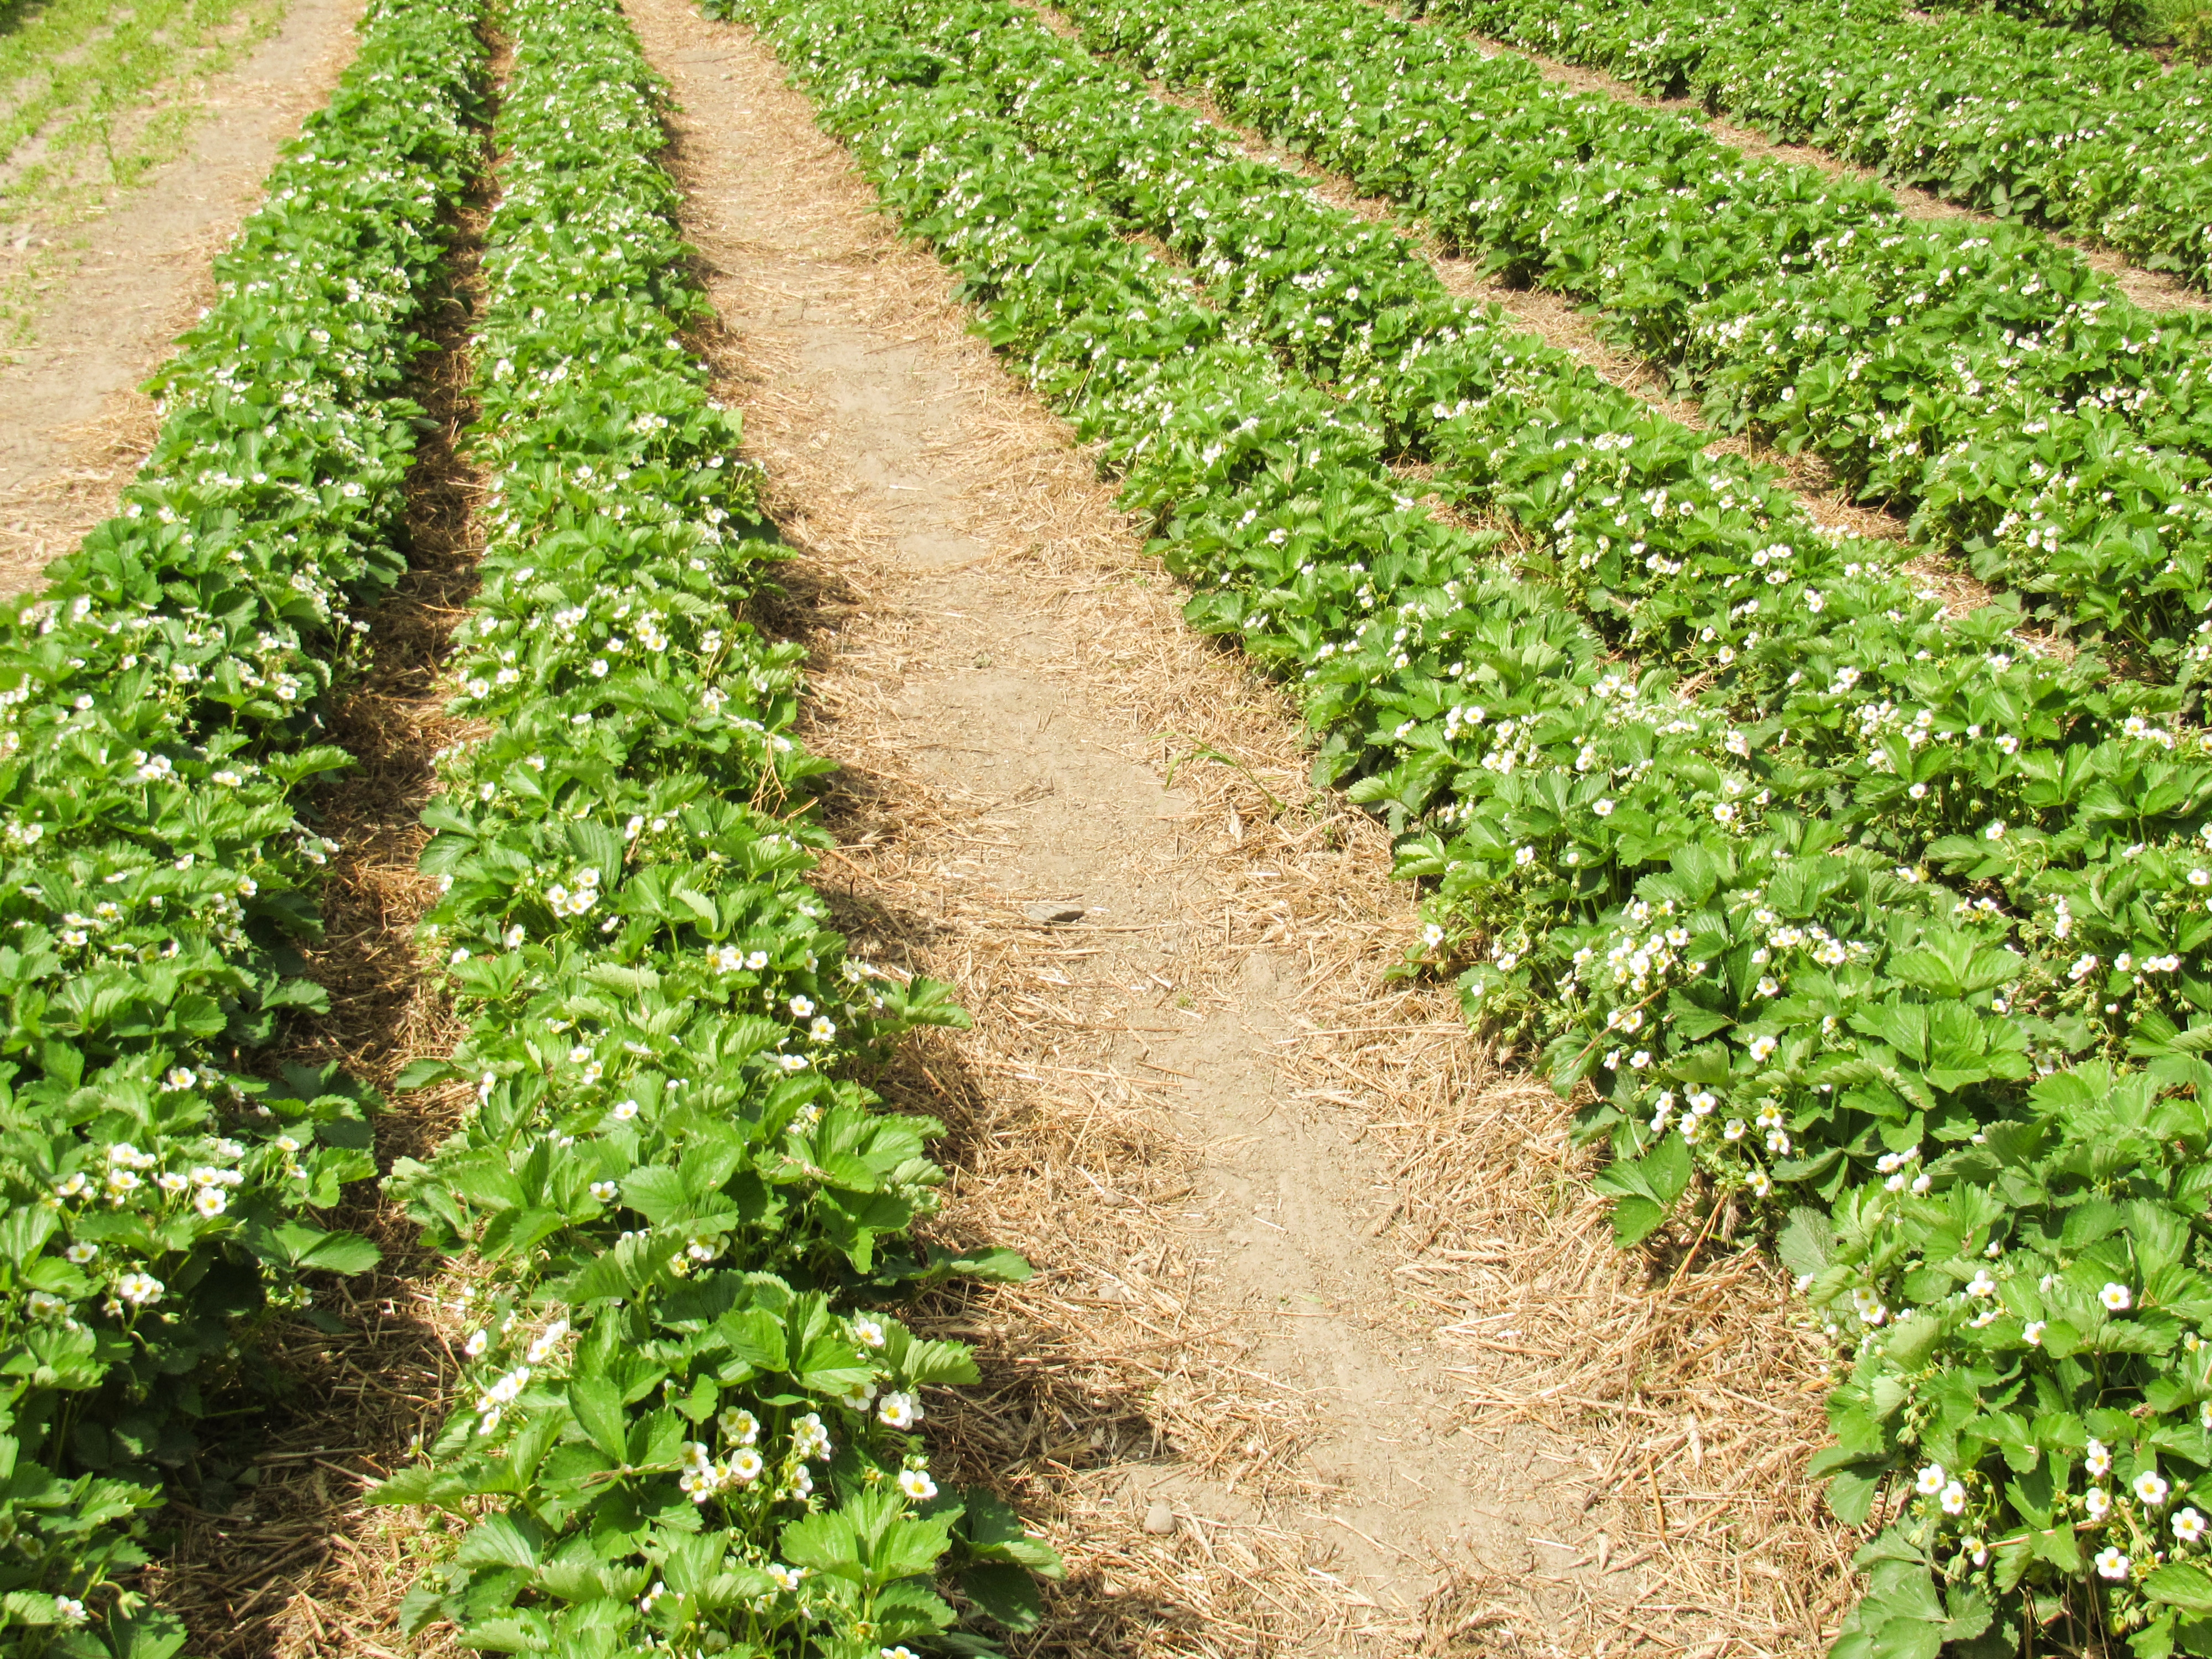 Garden free images.com